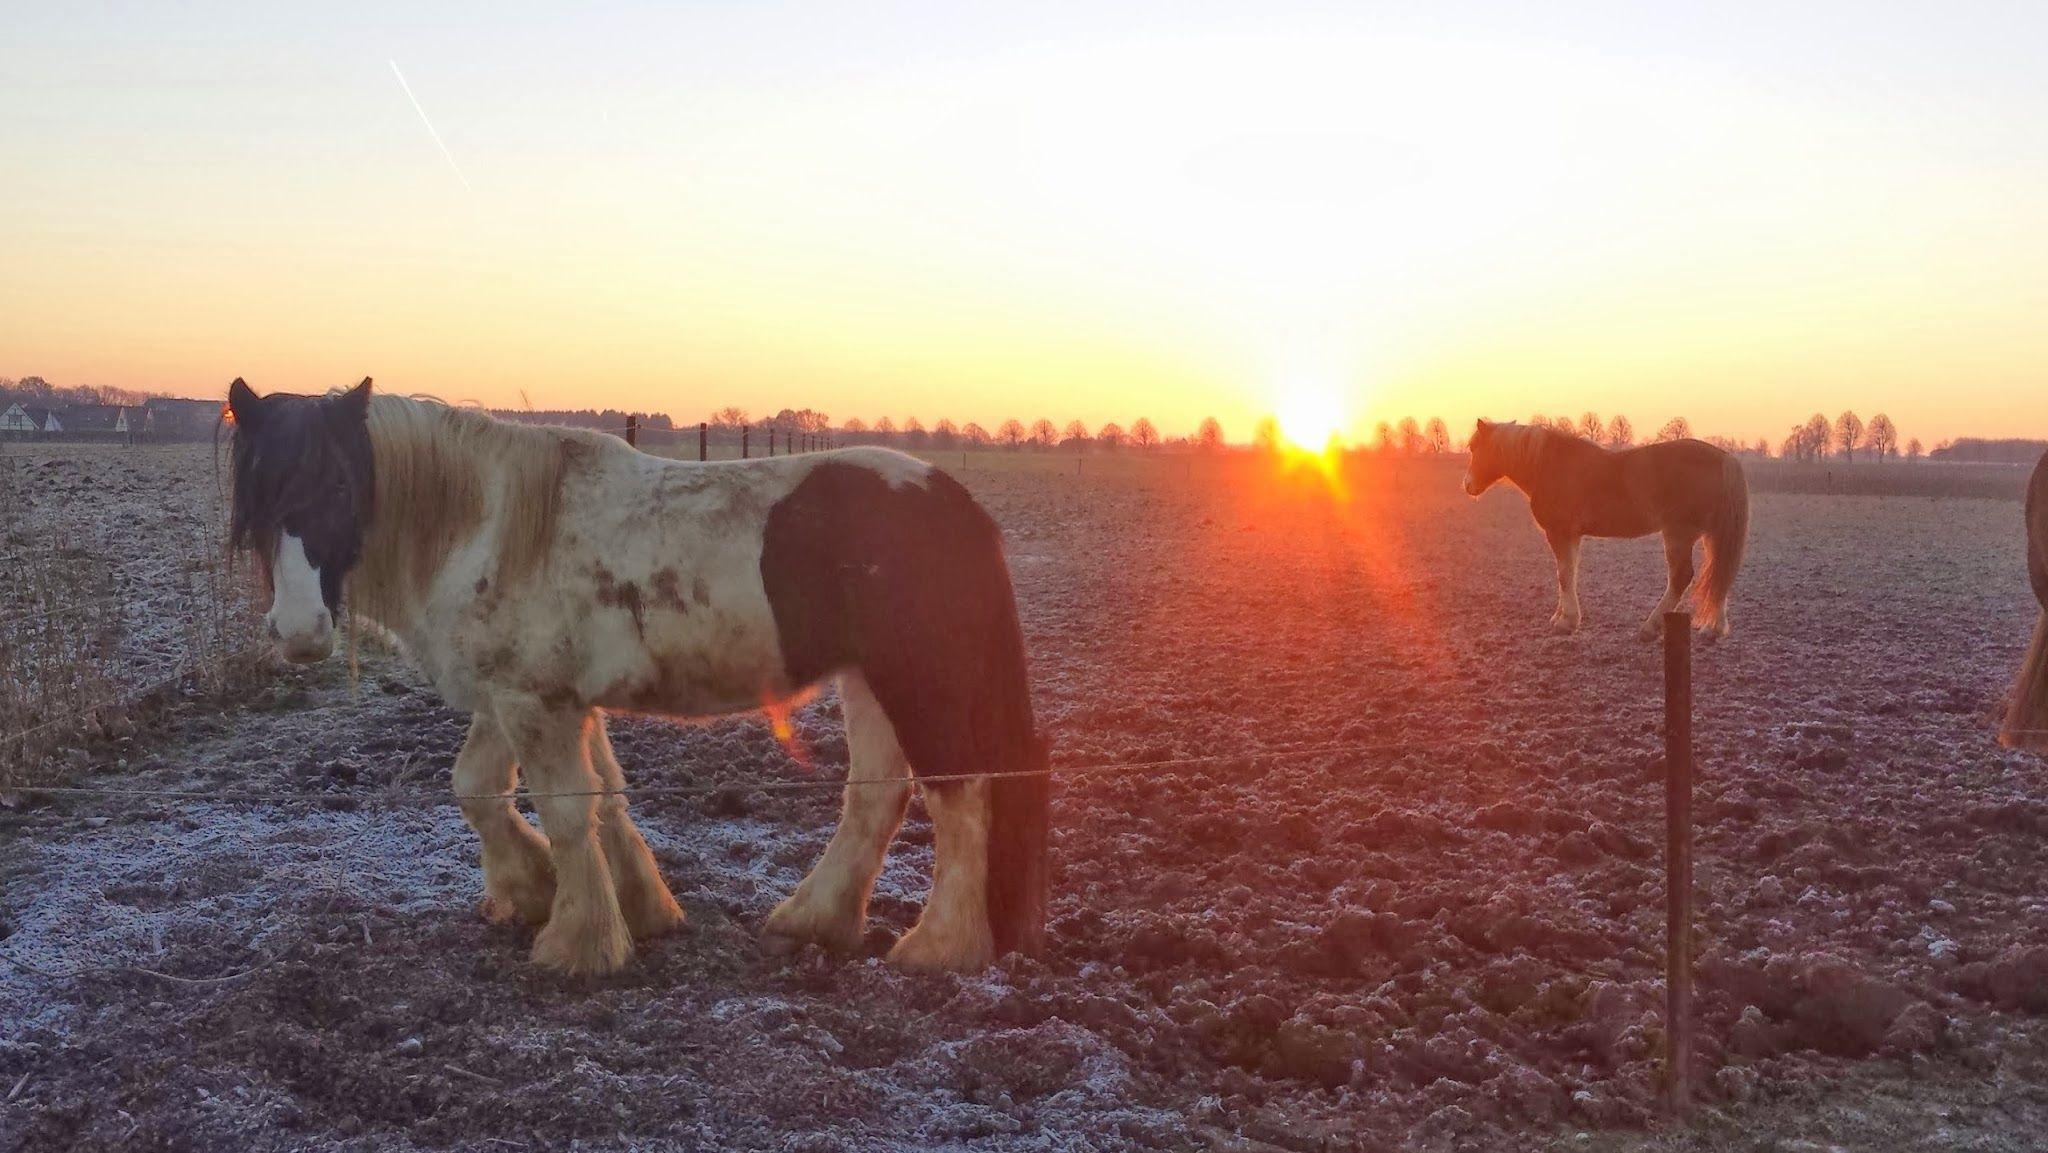 De wei is bevroren en de zon gaat onder.... Zenn.